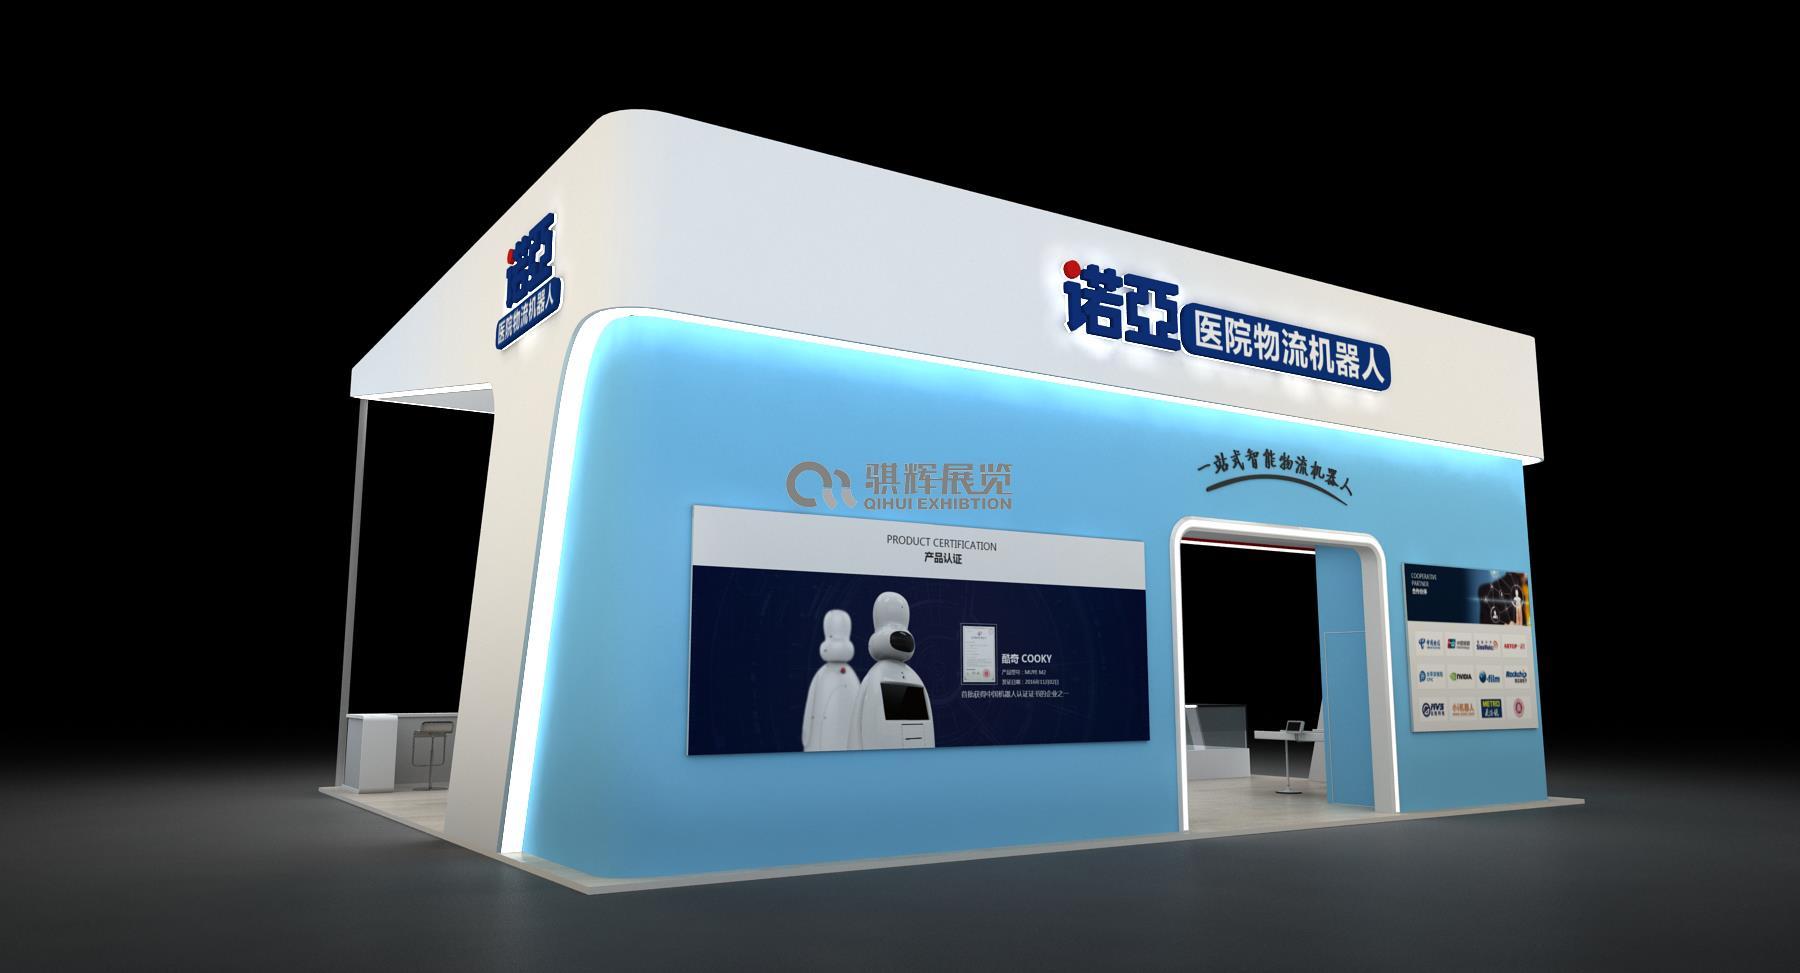 贸易展览展位设计理念提高投资回报率